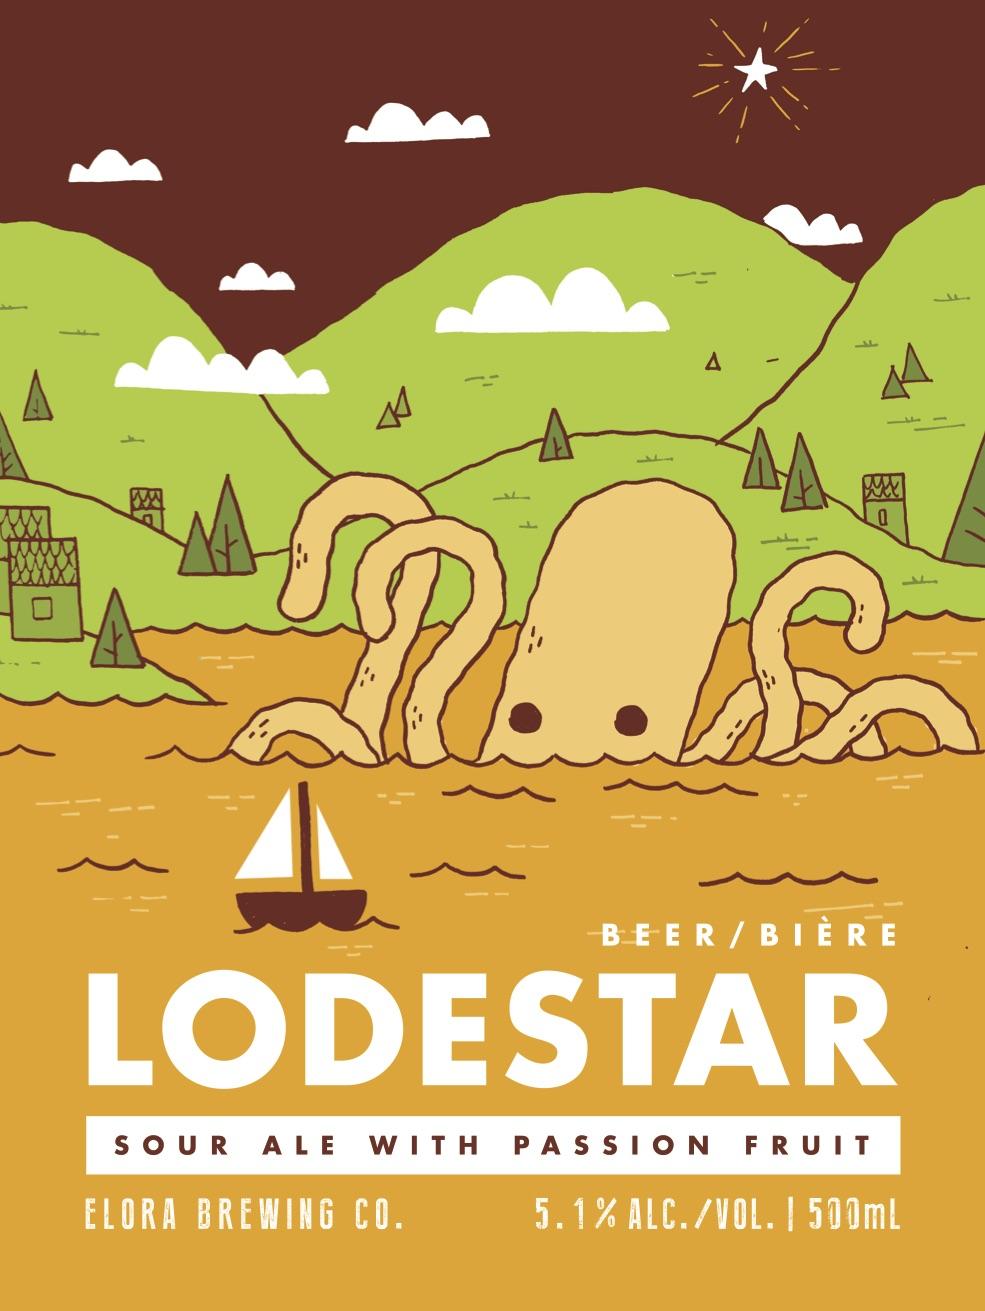 lodestar-Passionfruit_ForPrint.jpg